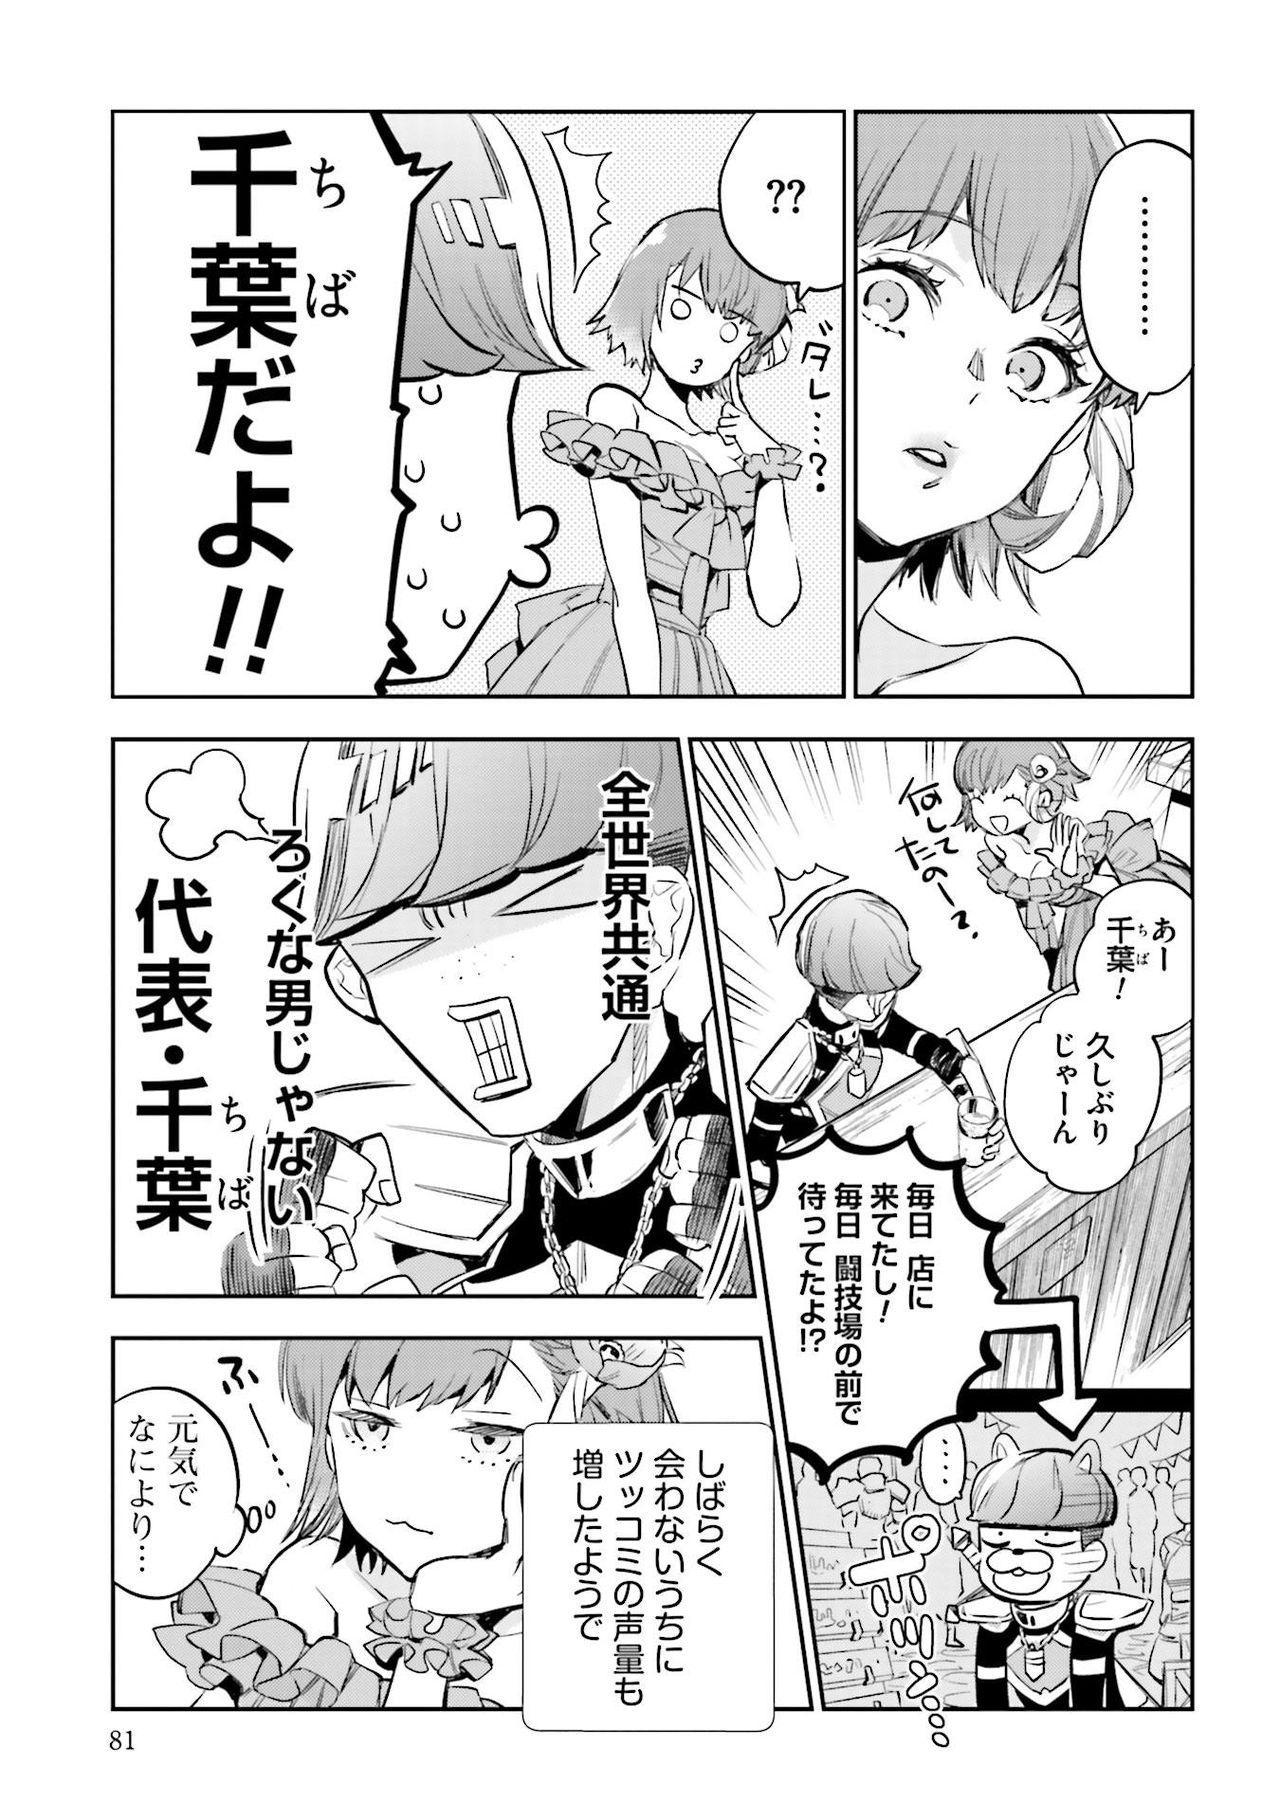 JK Haru wa Isekai de Shoufu ni Natta 1-14 440